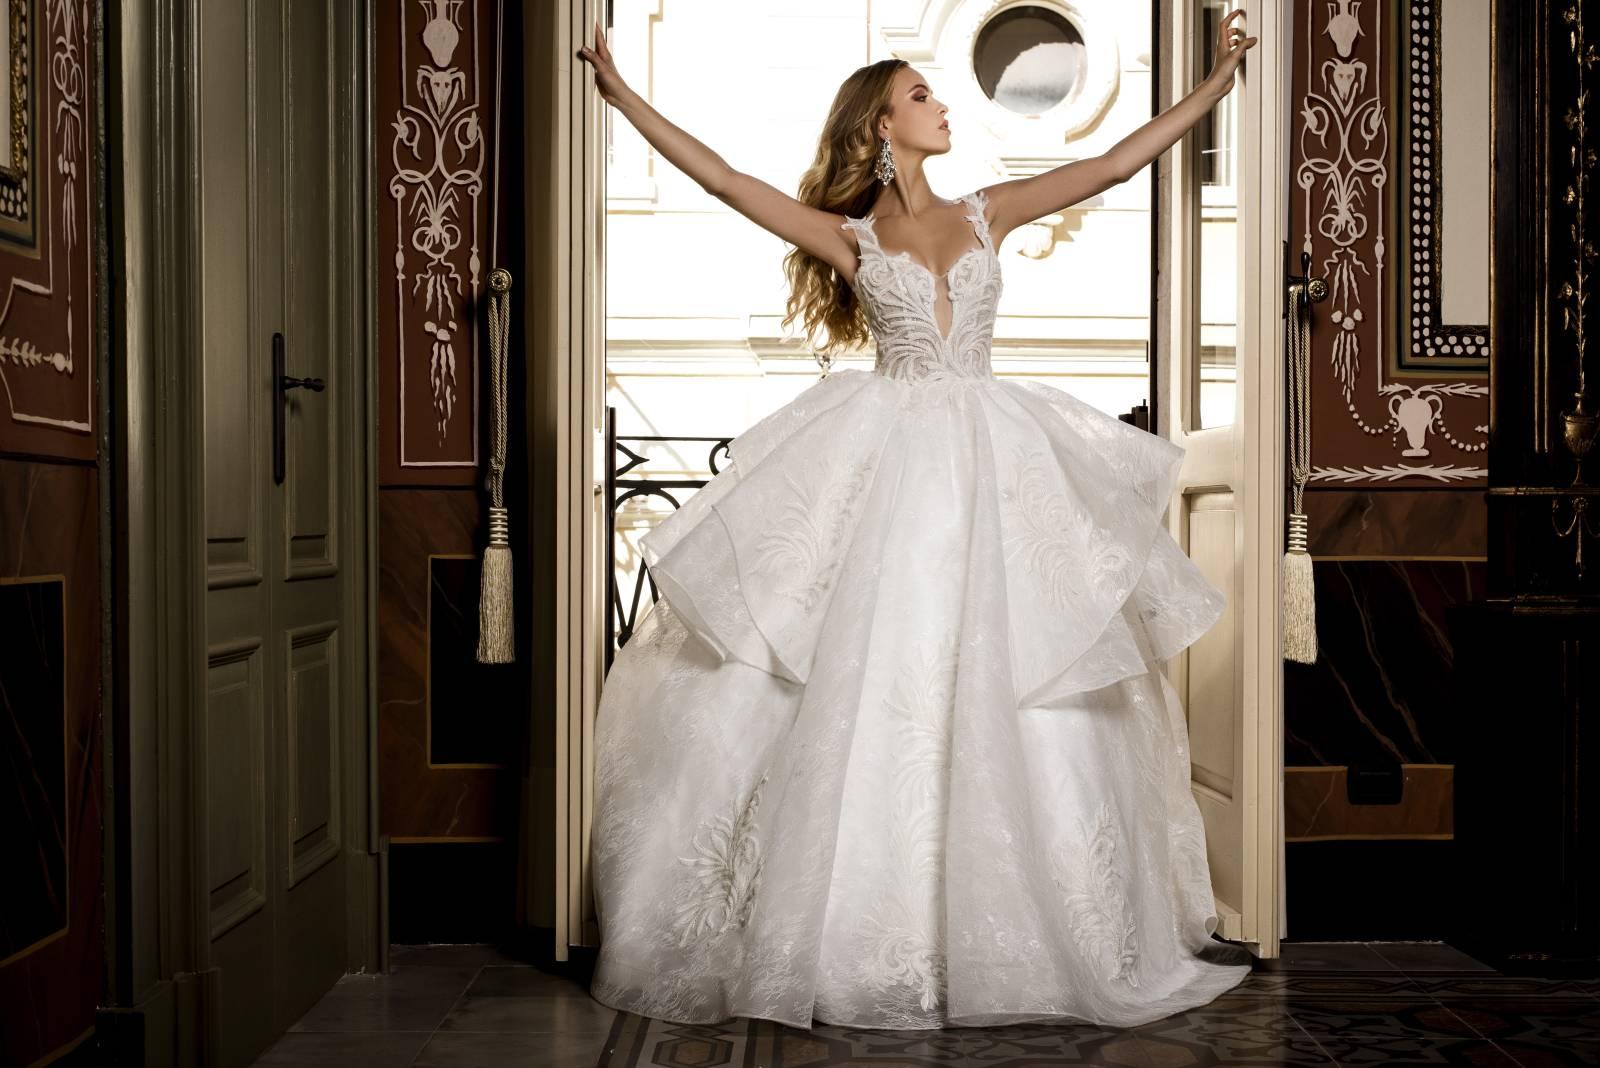 Realizzazione siti web settore Moda Sposa: Galizia Spose - Maingage, Web agency Bari